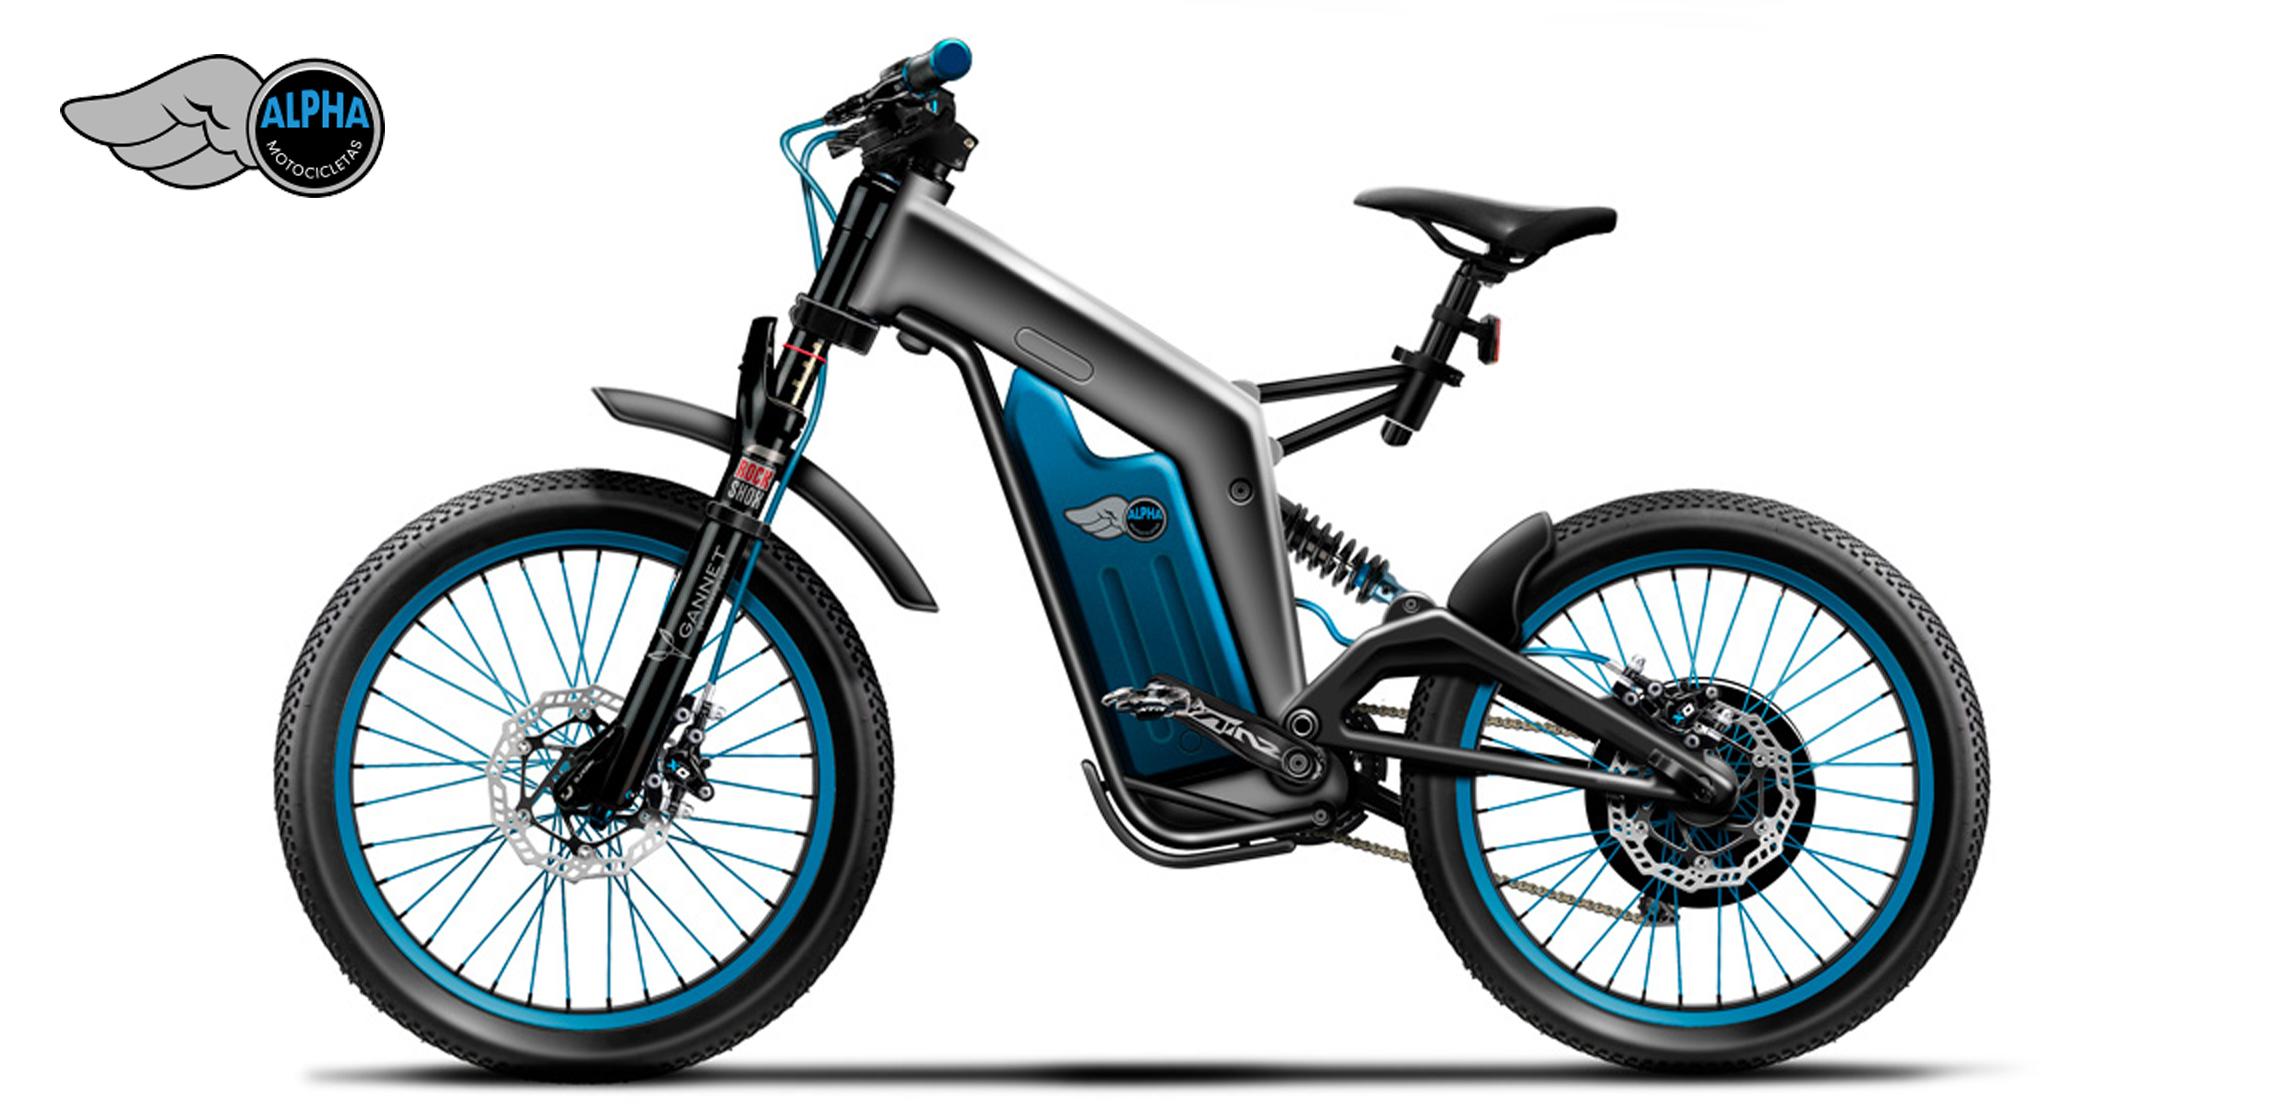 Best Ktm Enduro Bike